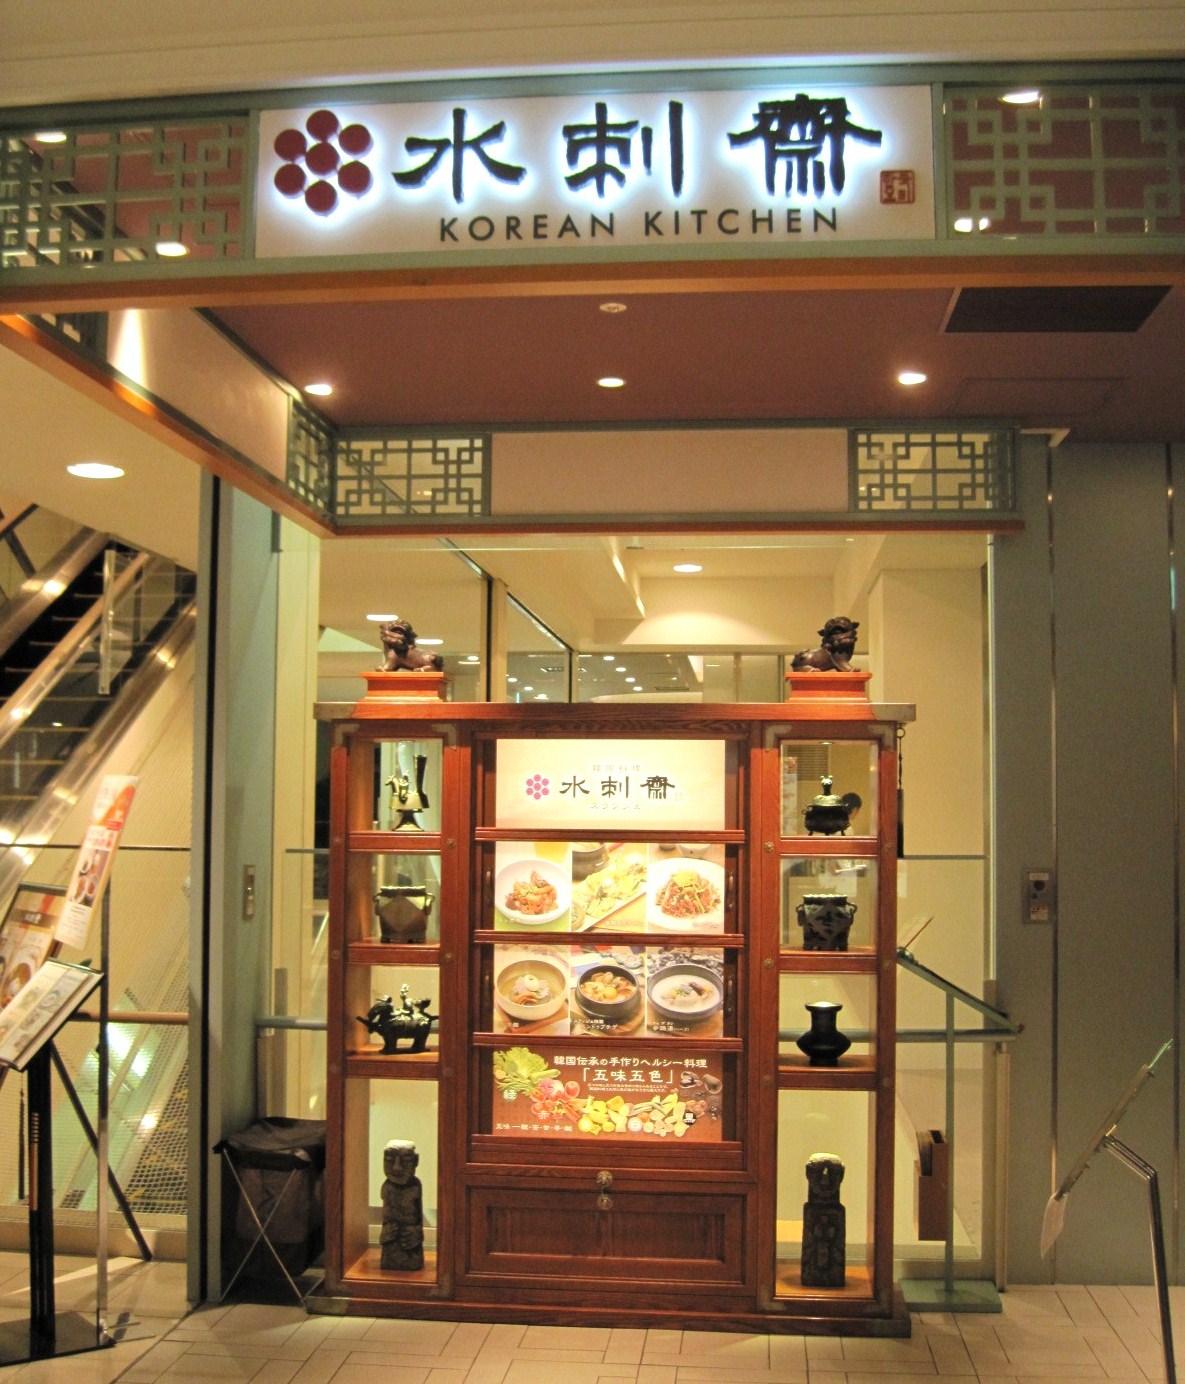 水刺斎(スランジェ) 新宿タカシマヤ・タイムズスクエア店_f0236260_12114876.jpg